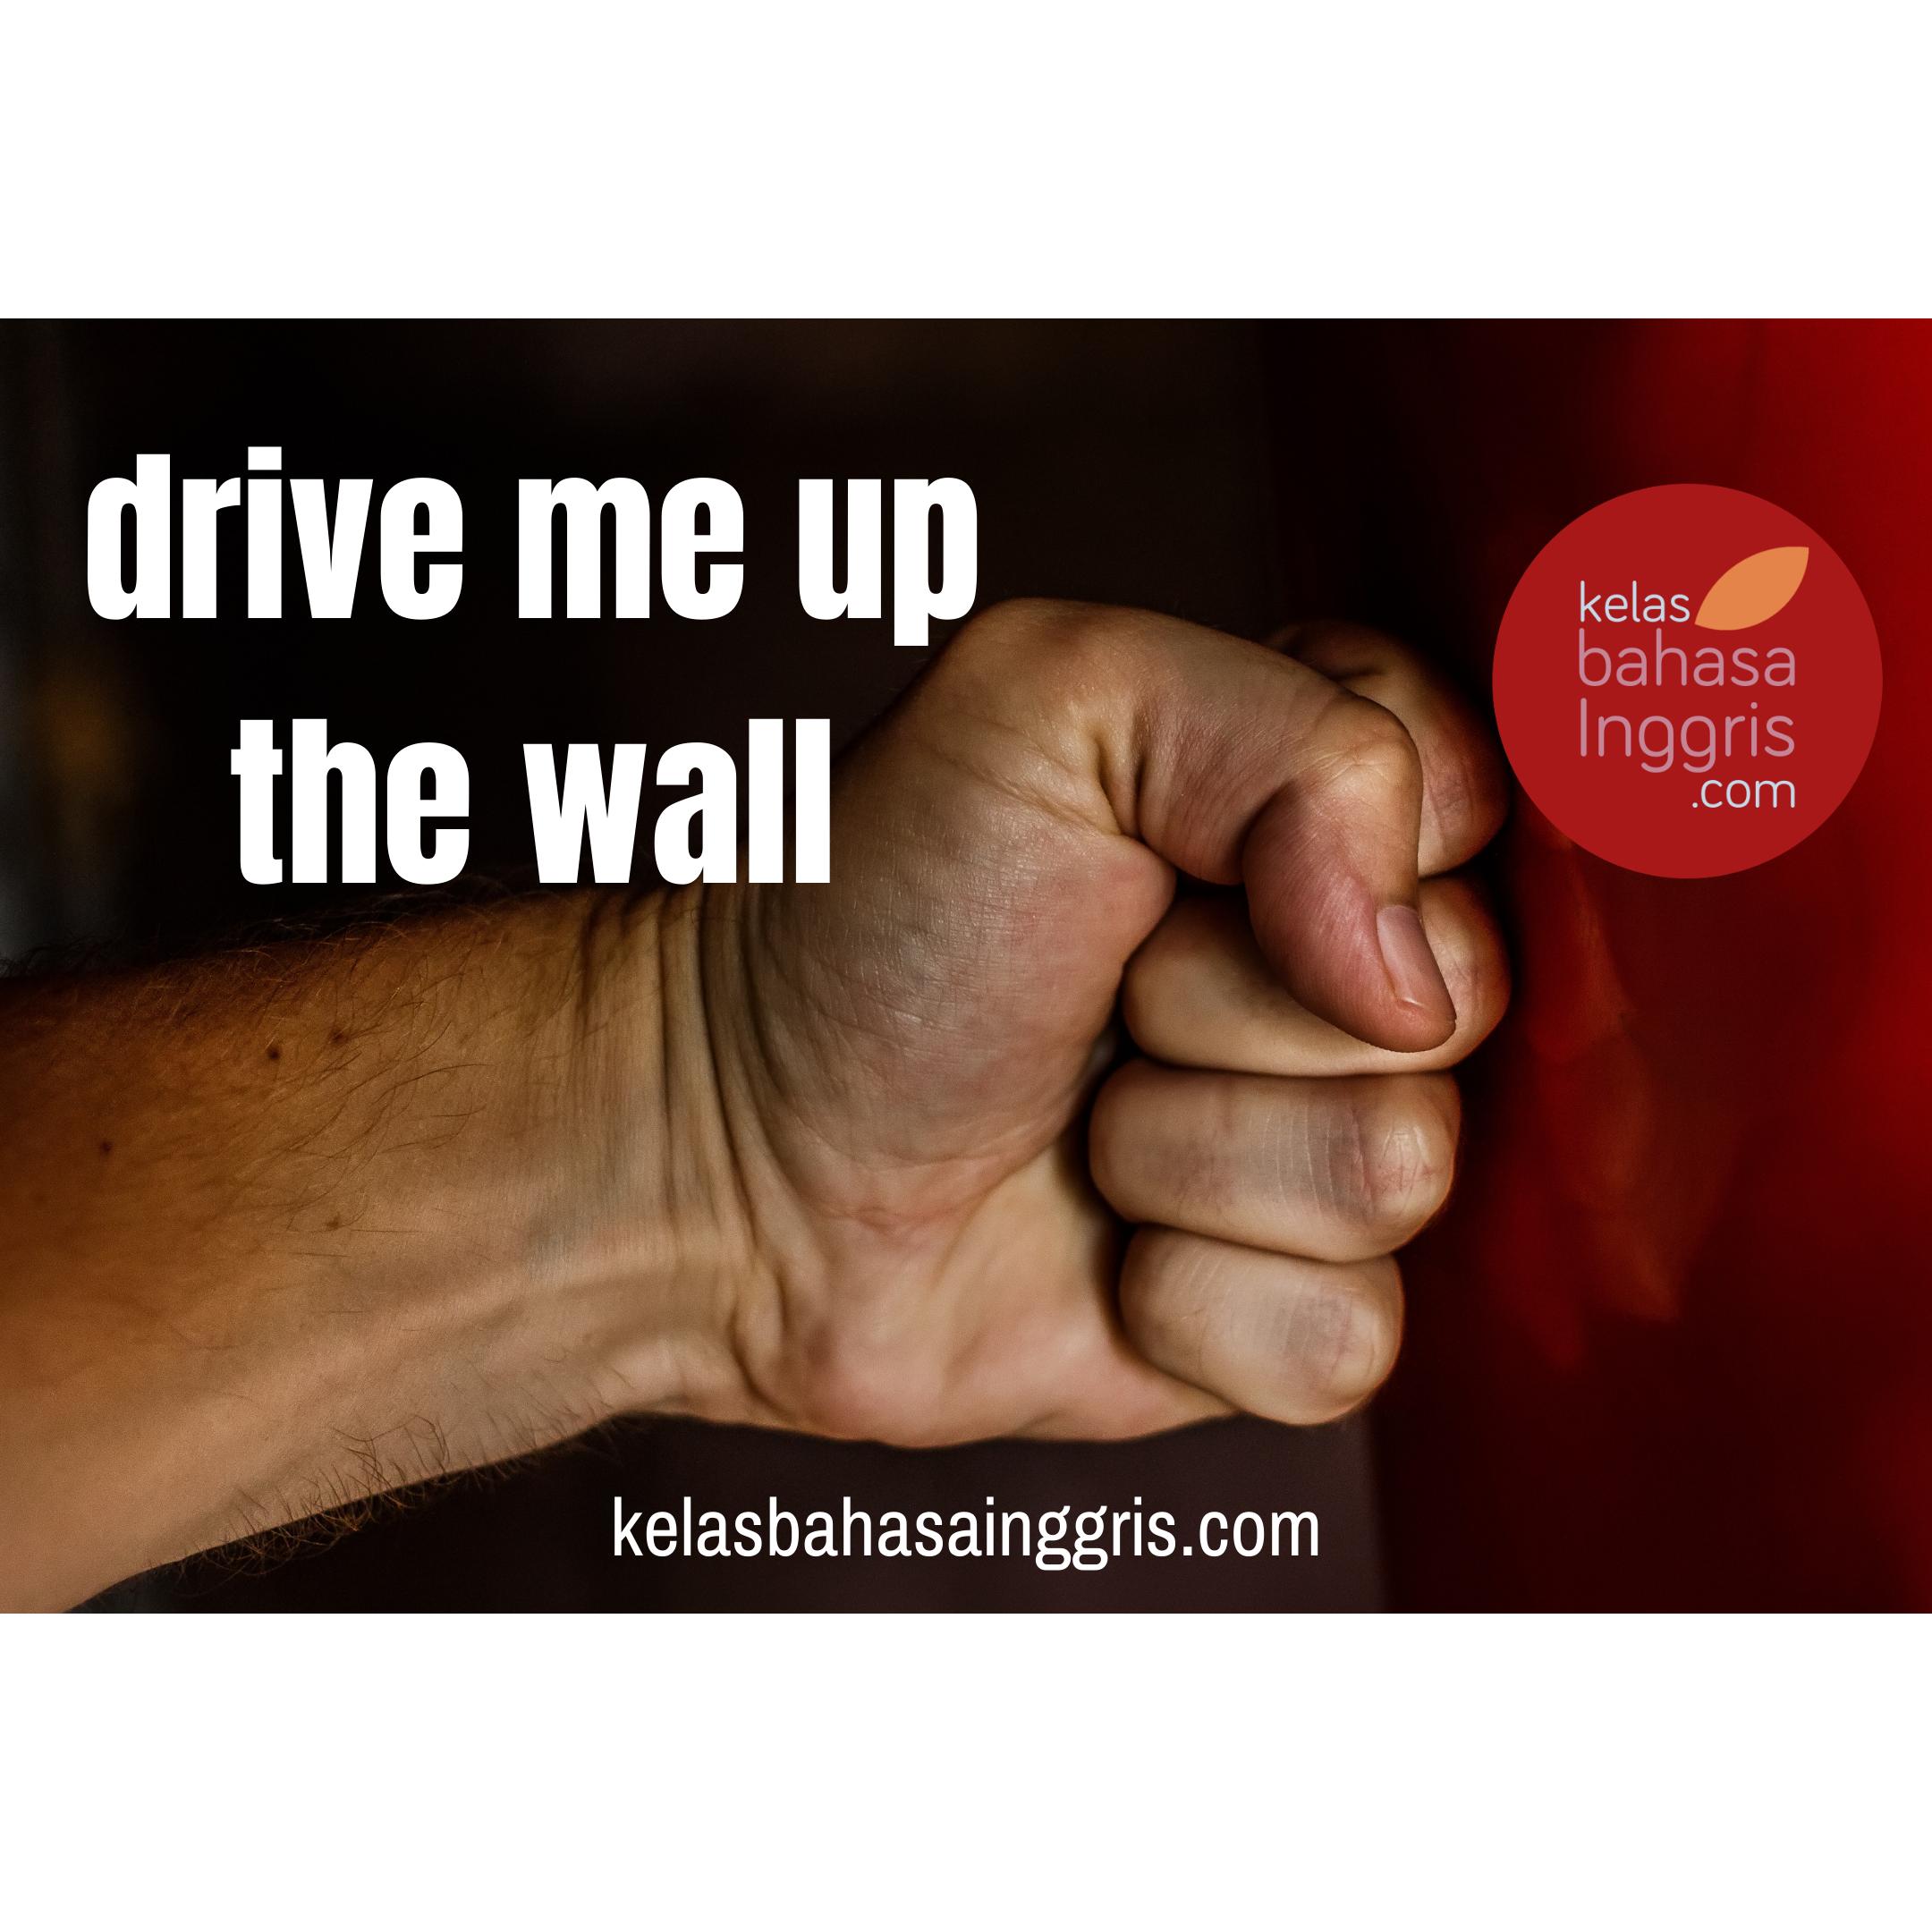 Idiom Bahasa Inggris drive me up the wall